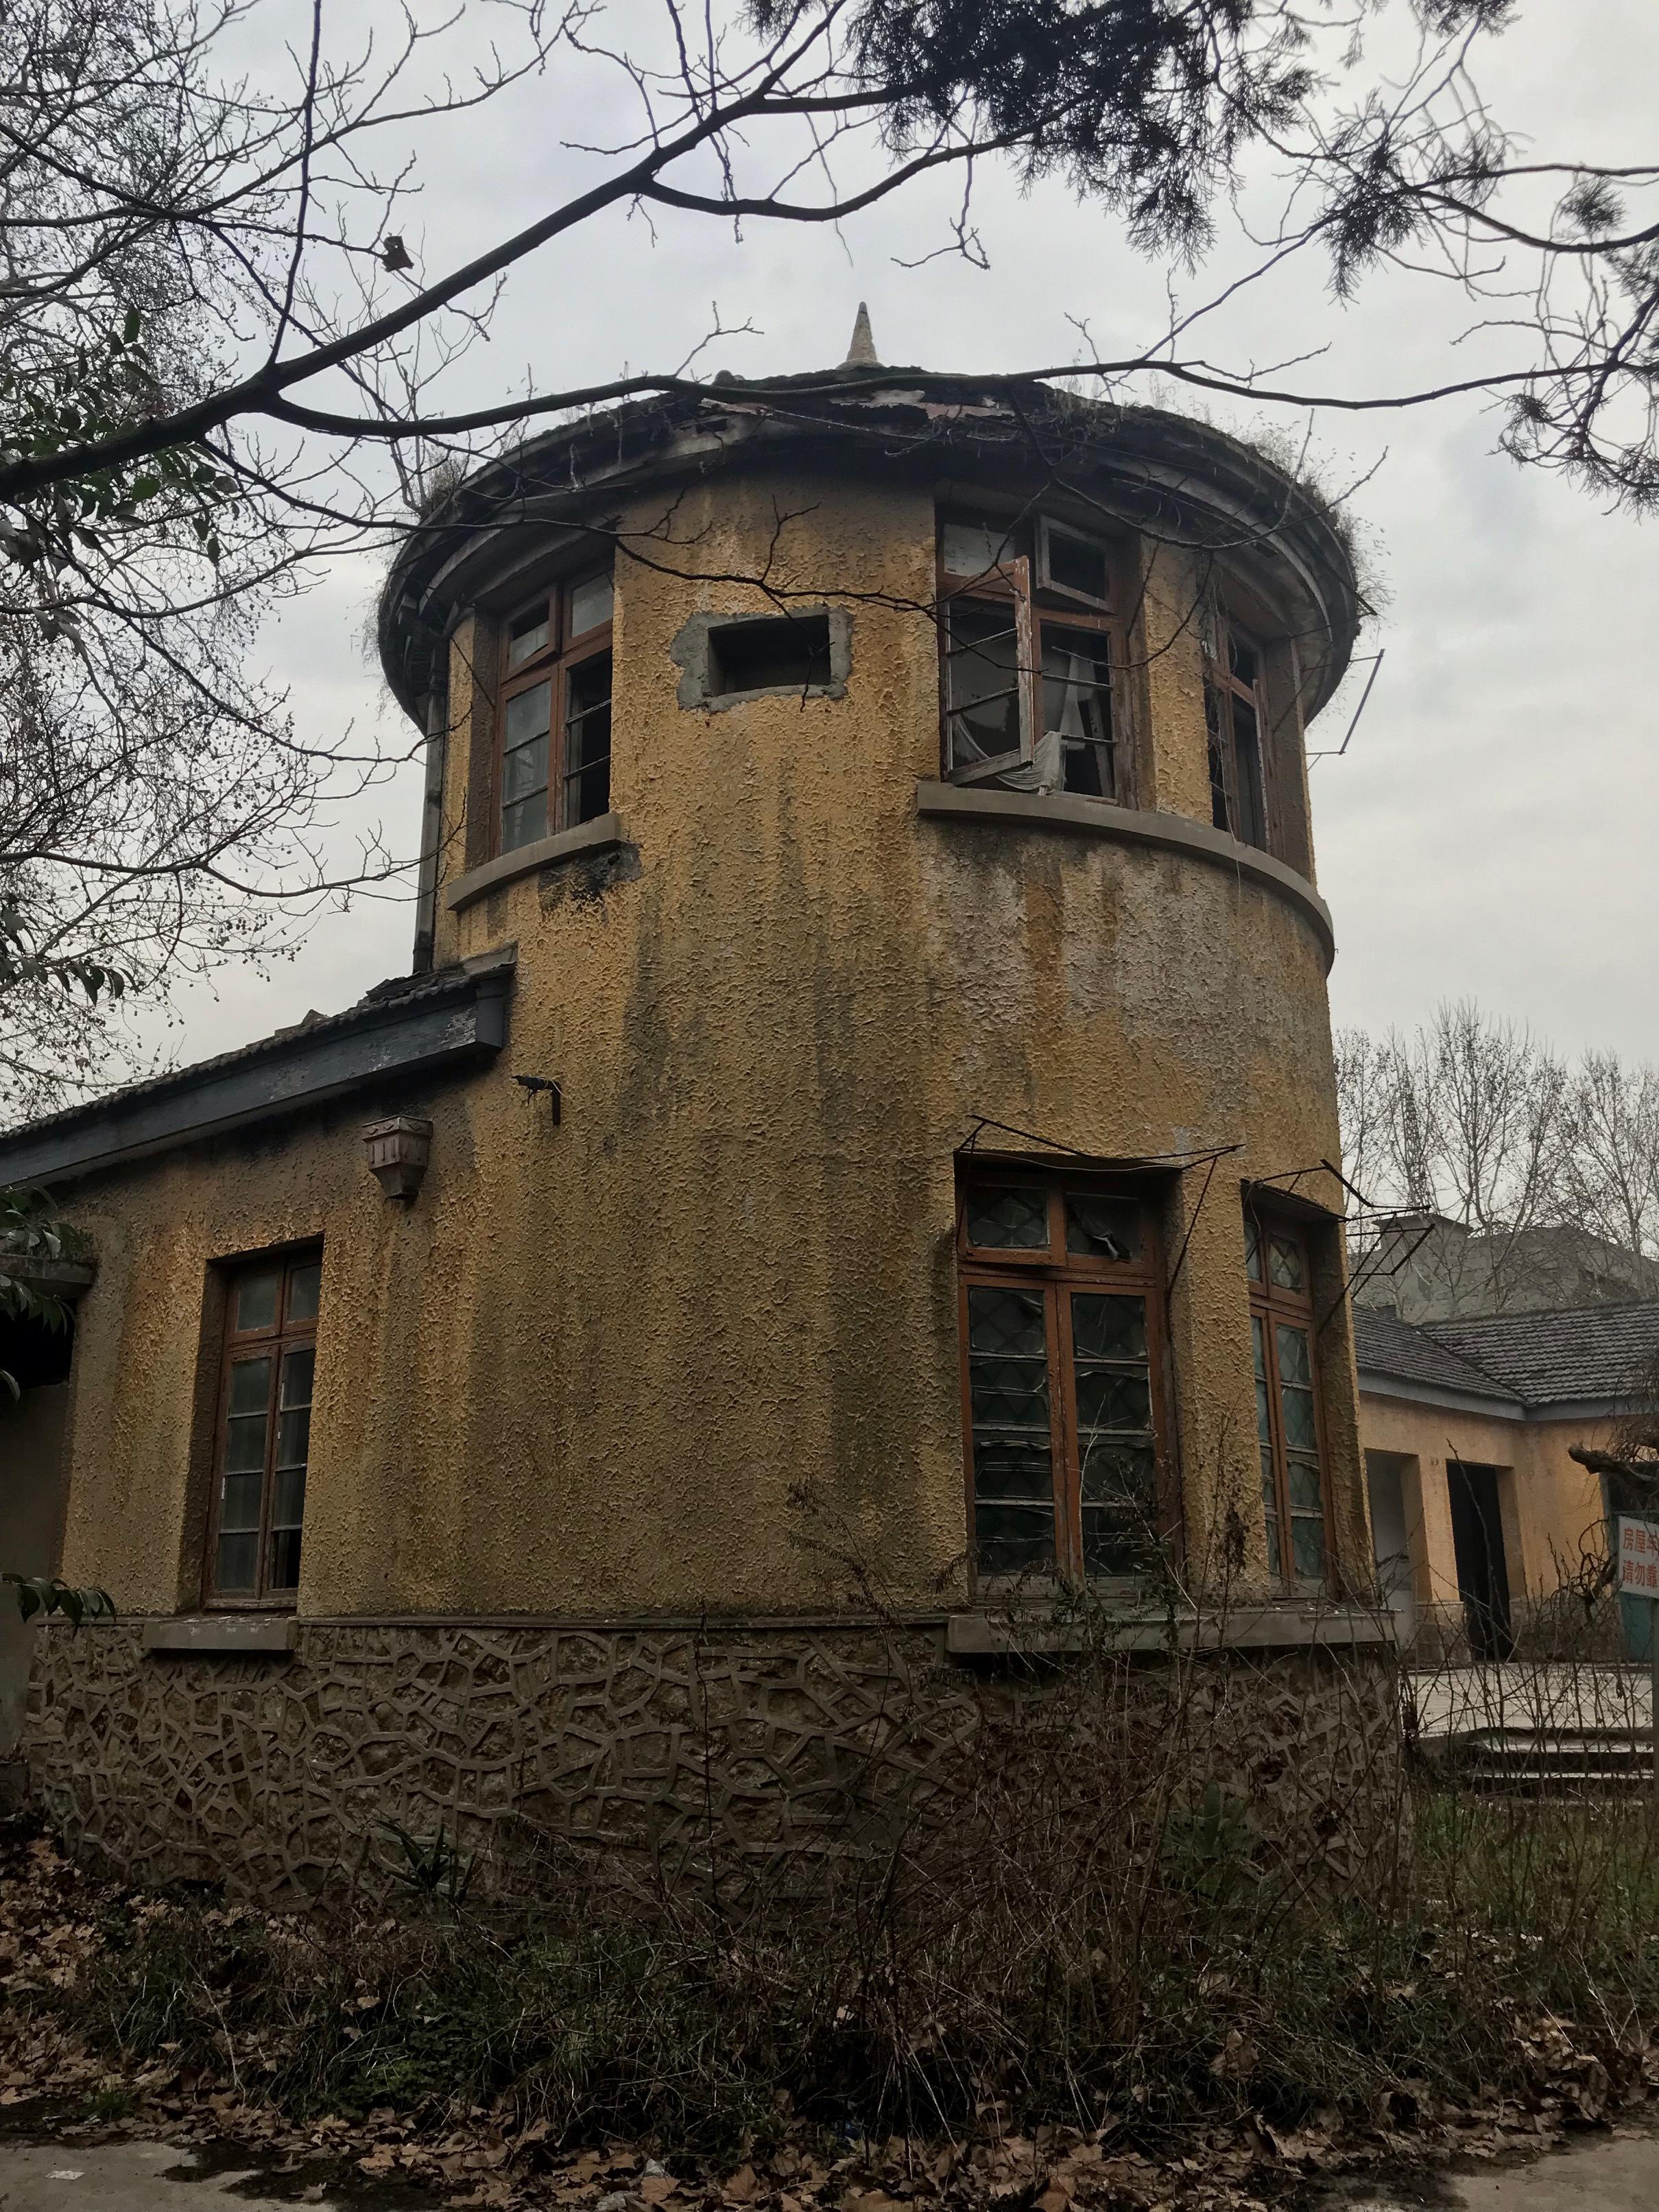 南京大屠殺歷史遺址江南水泥廠被指保護不力,回應:原因復雜_辛德貝格